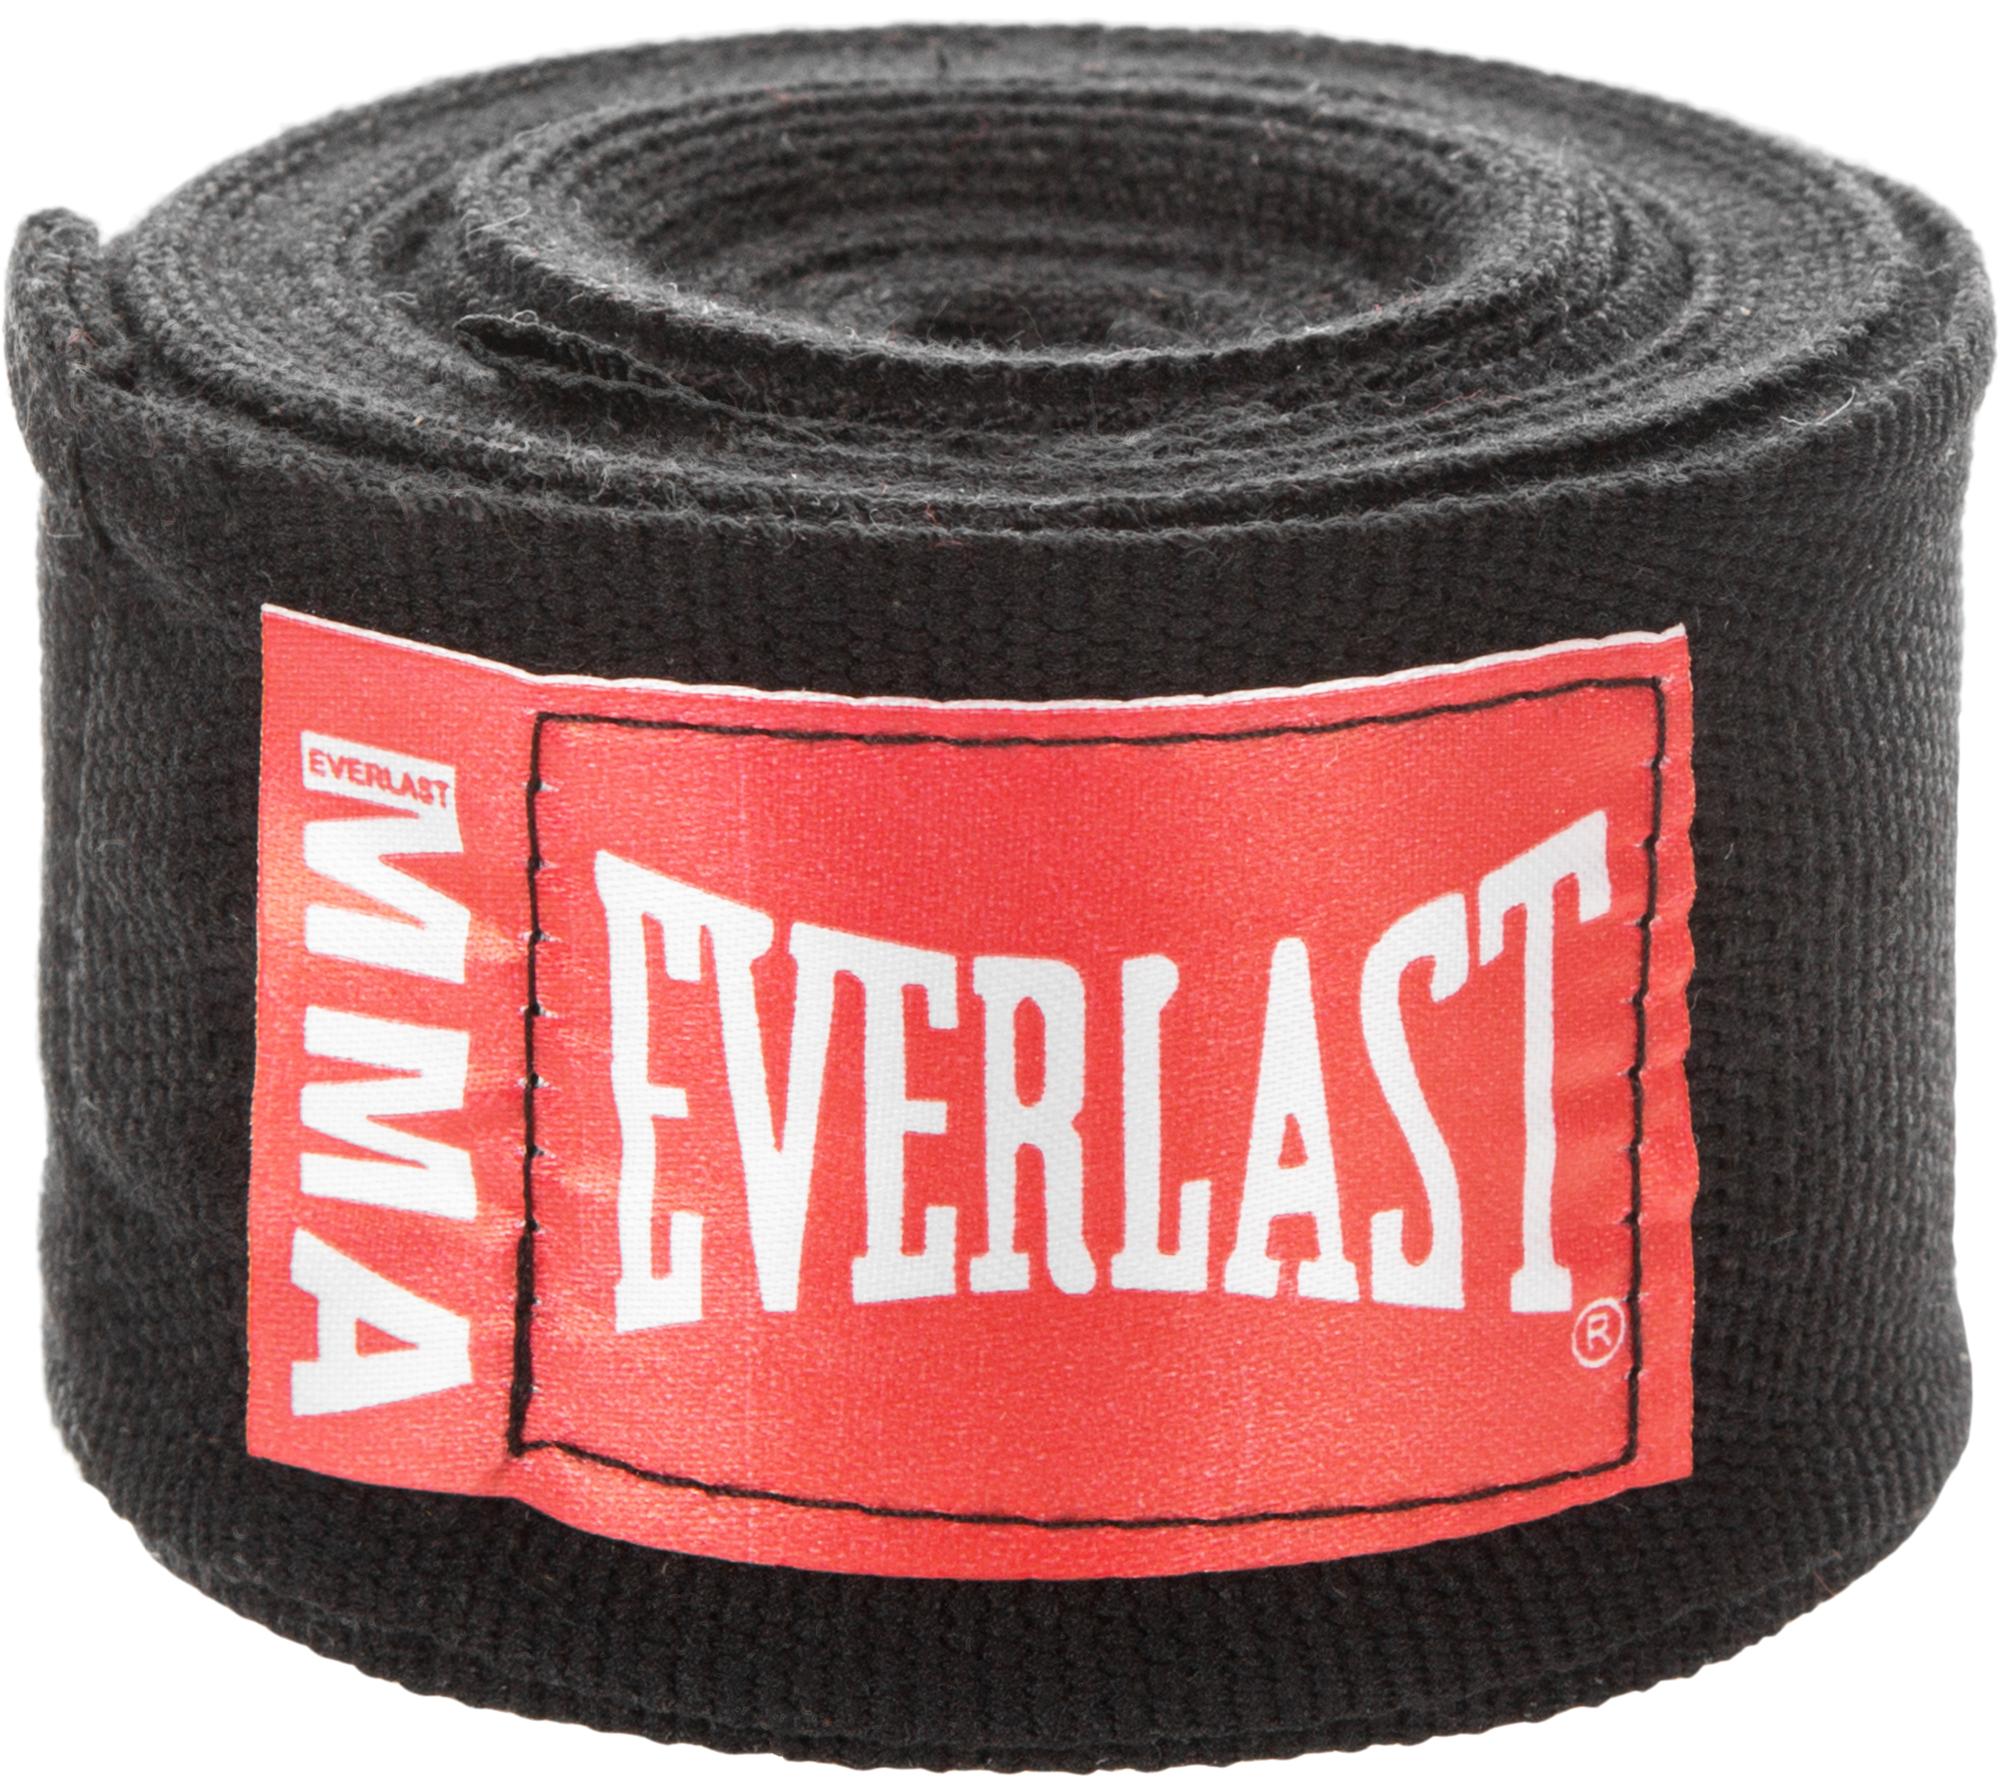 Everlast Бинт Everlast, 2,54 м, 2 шт. бинты 4 55м everlast